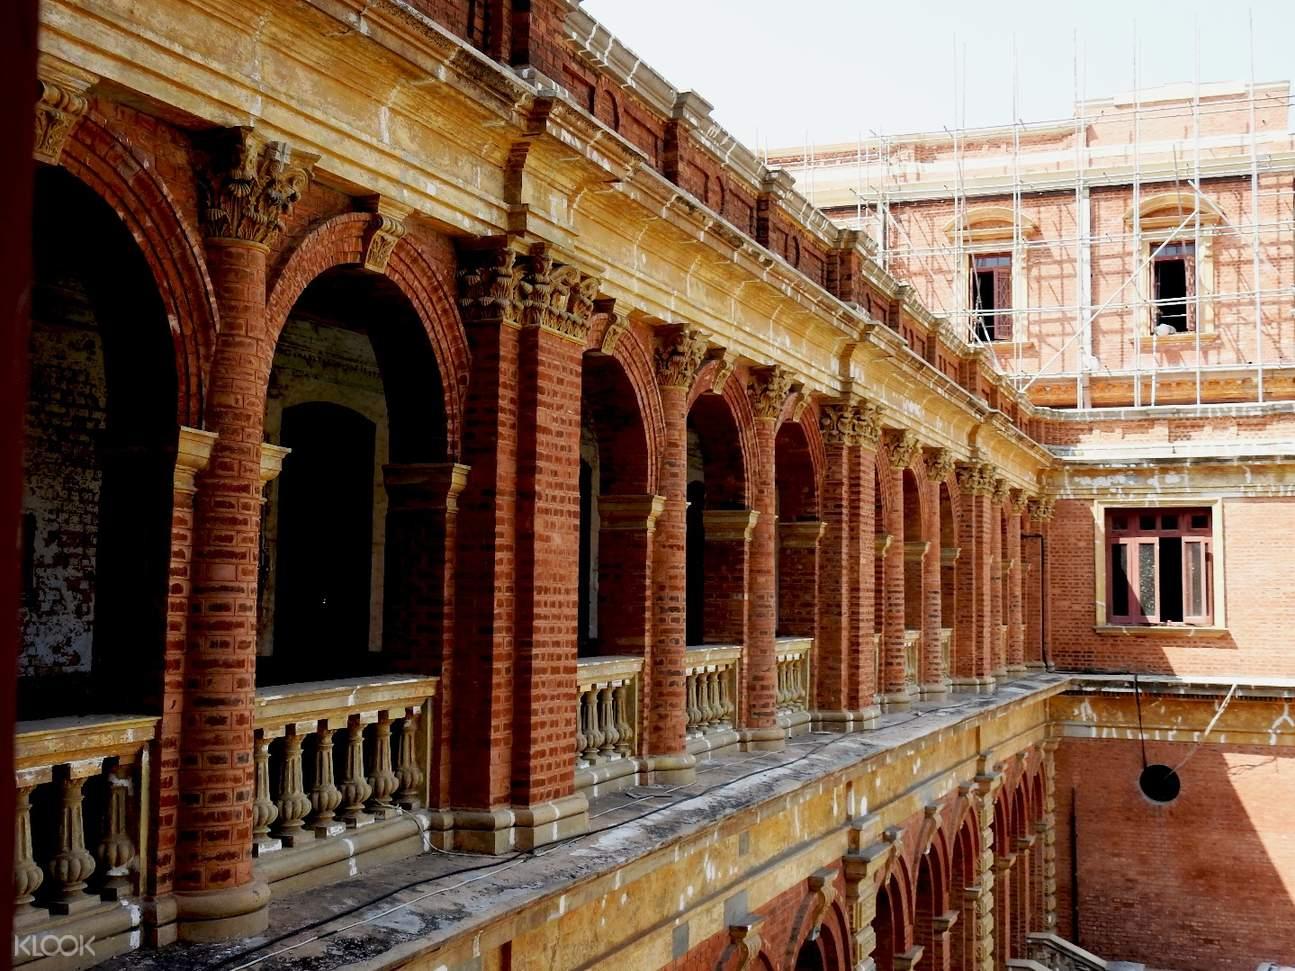 缅甸 仰光殖民地遗迹 私人导览半日游